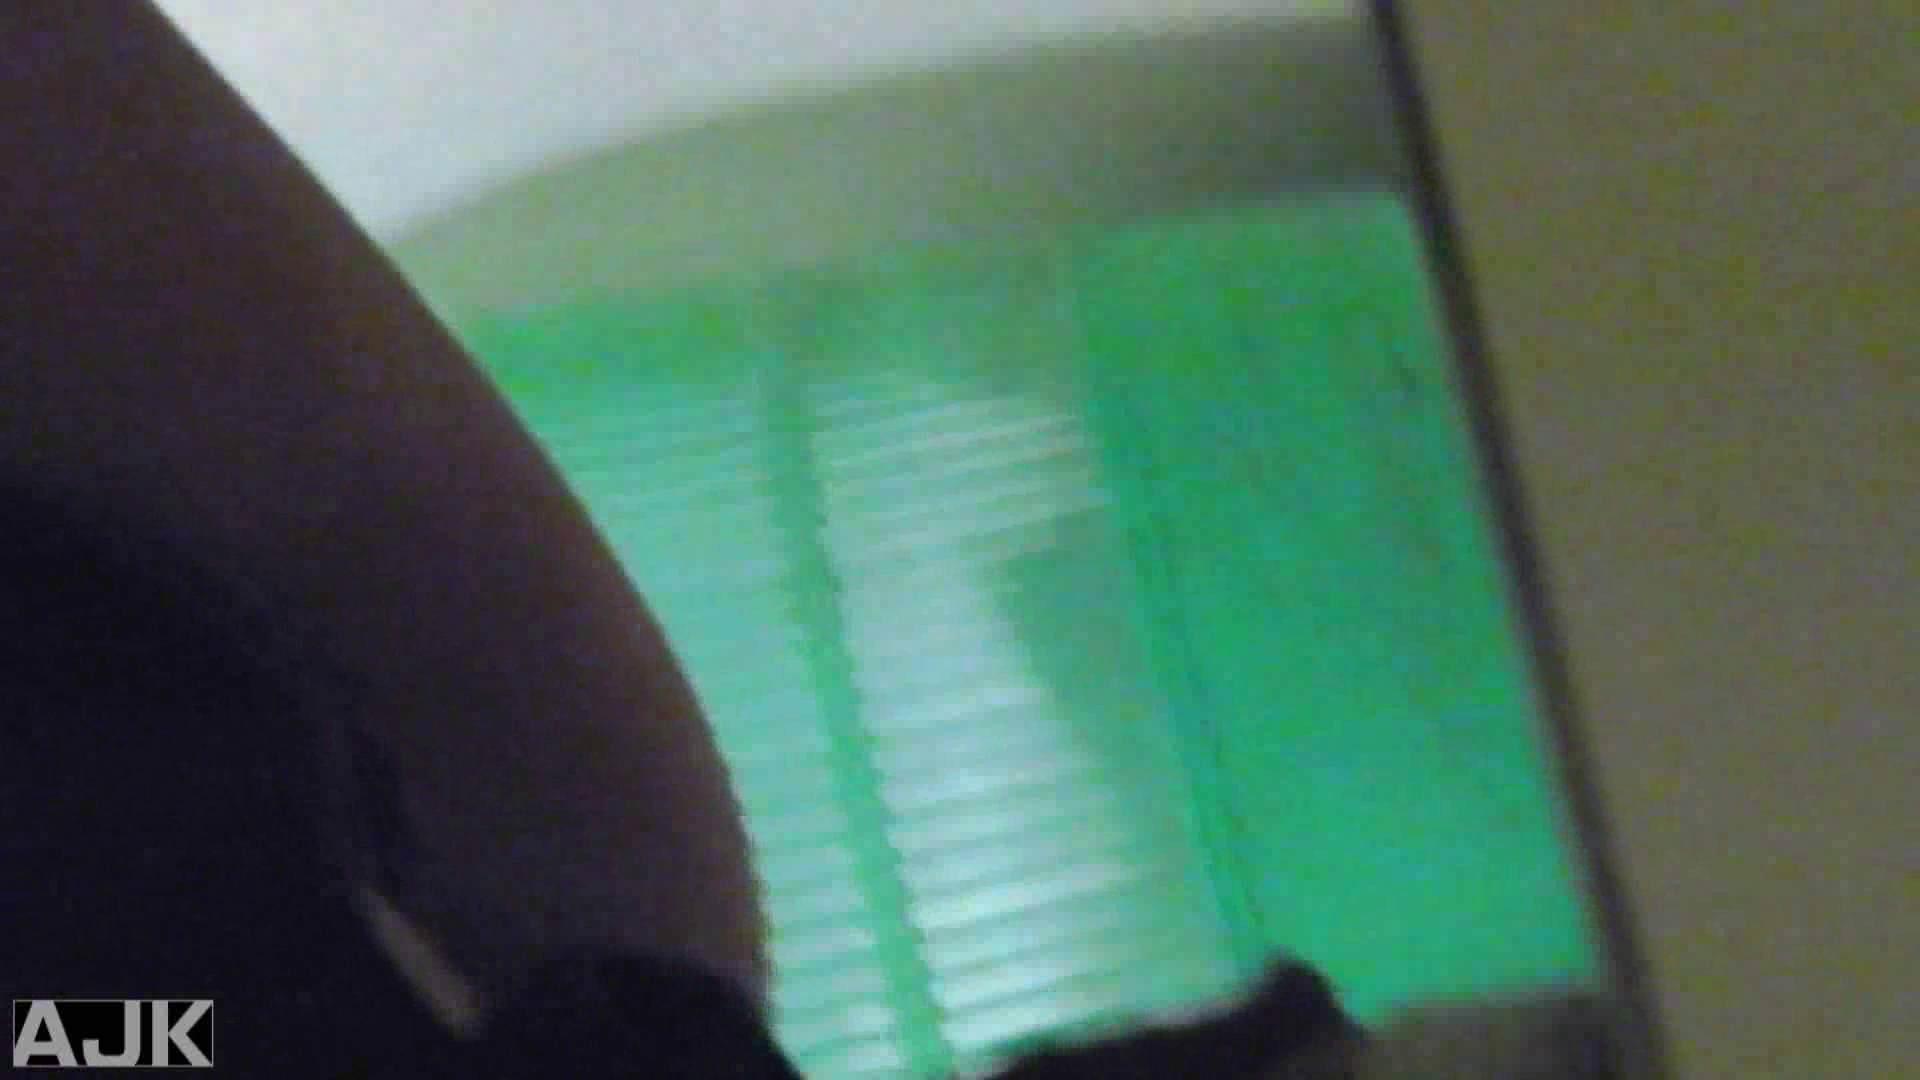 隣国上階級エリアの令嬢たちが集うデパートお手洗い Vol.01 お手洗いの中   丸見え のぞき 84枚 29